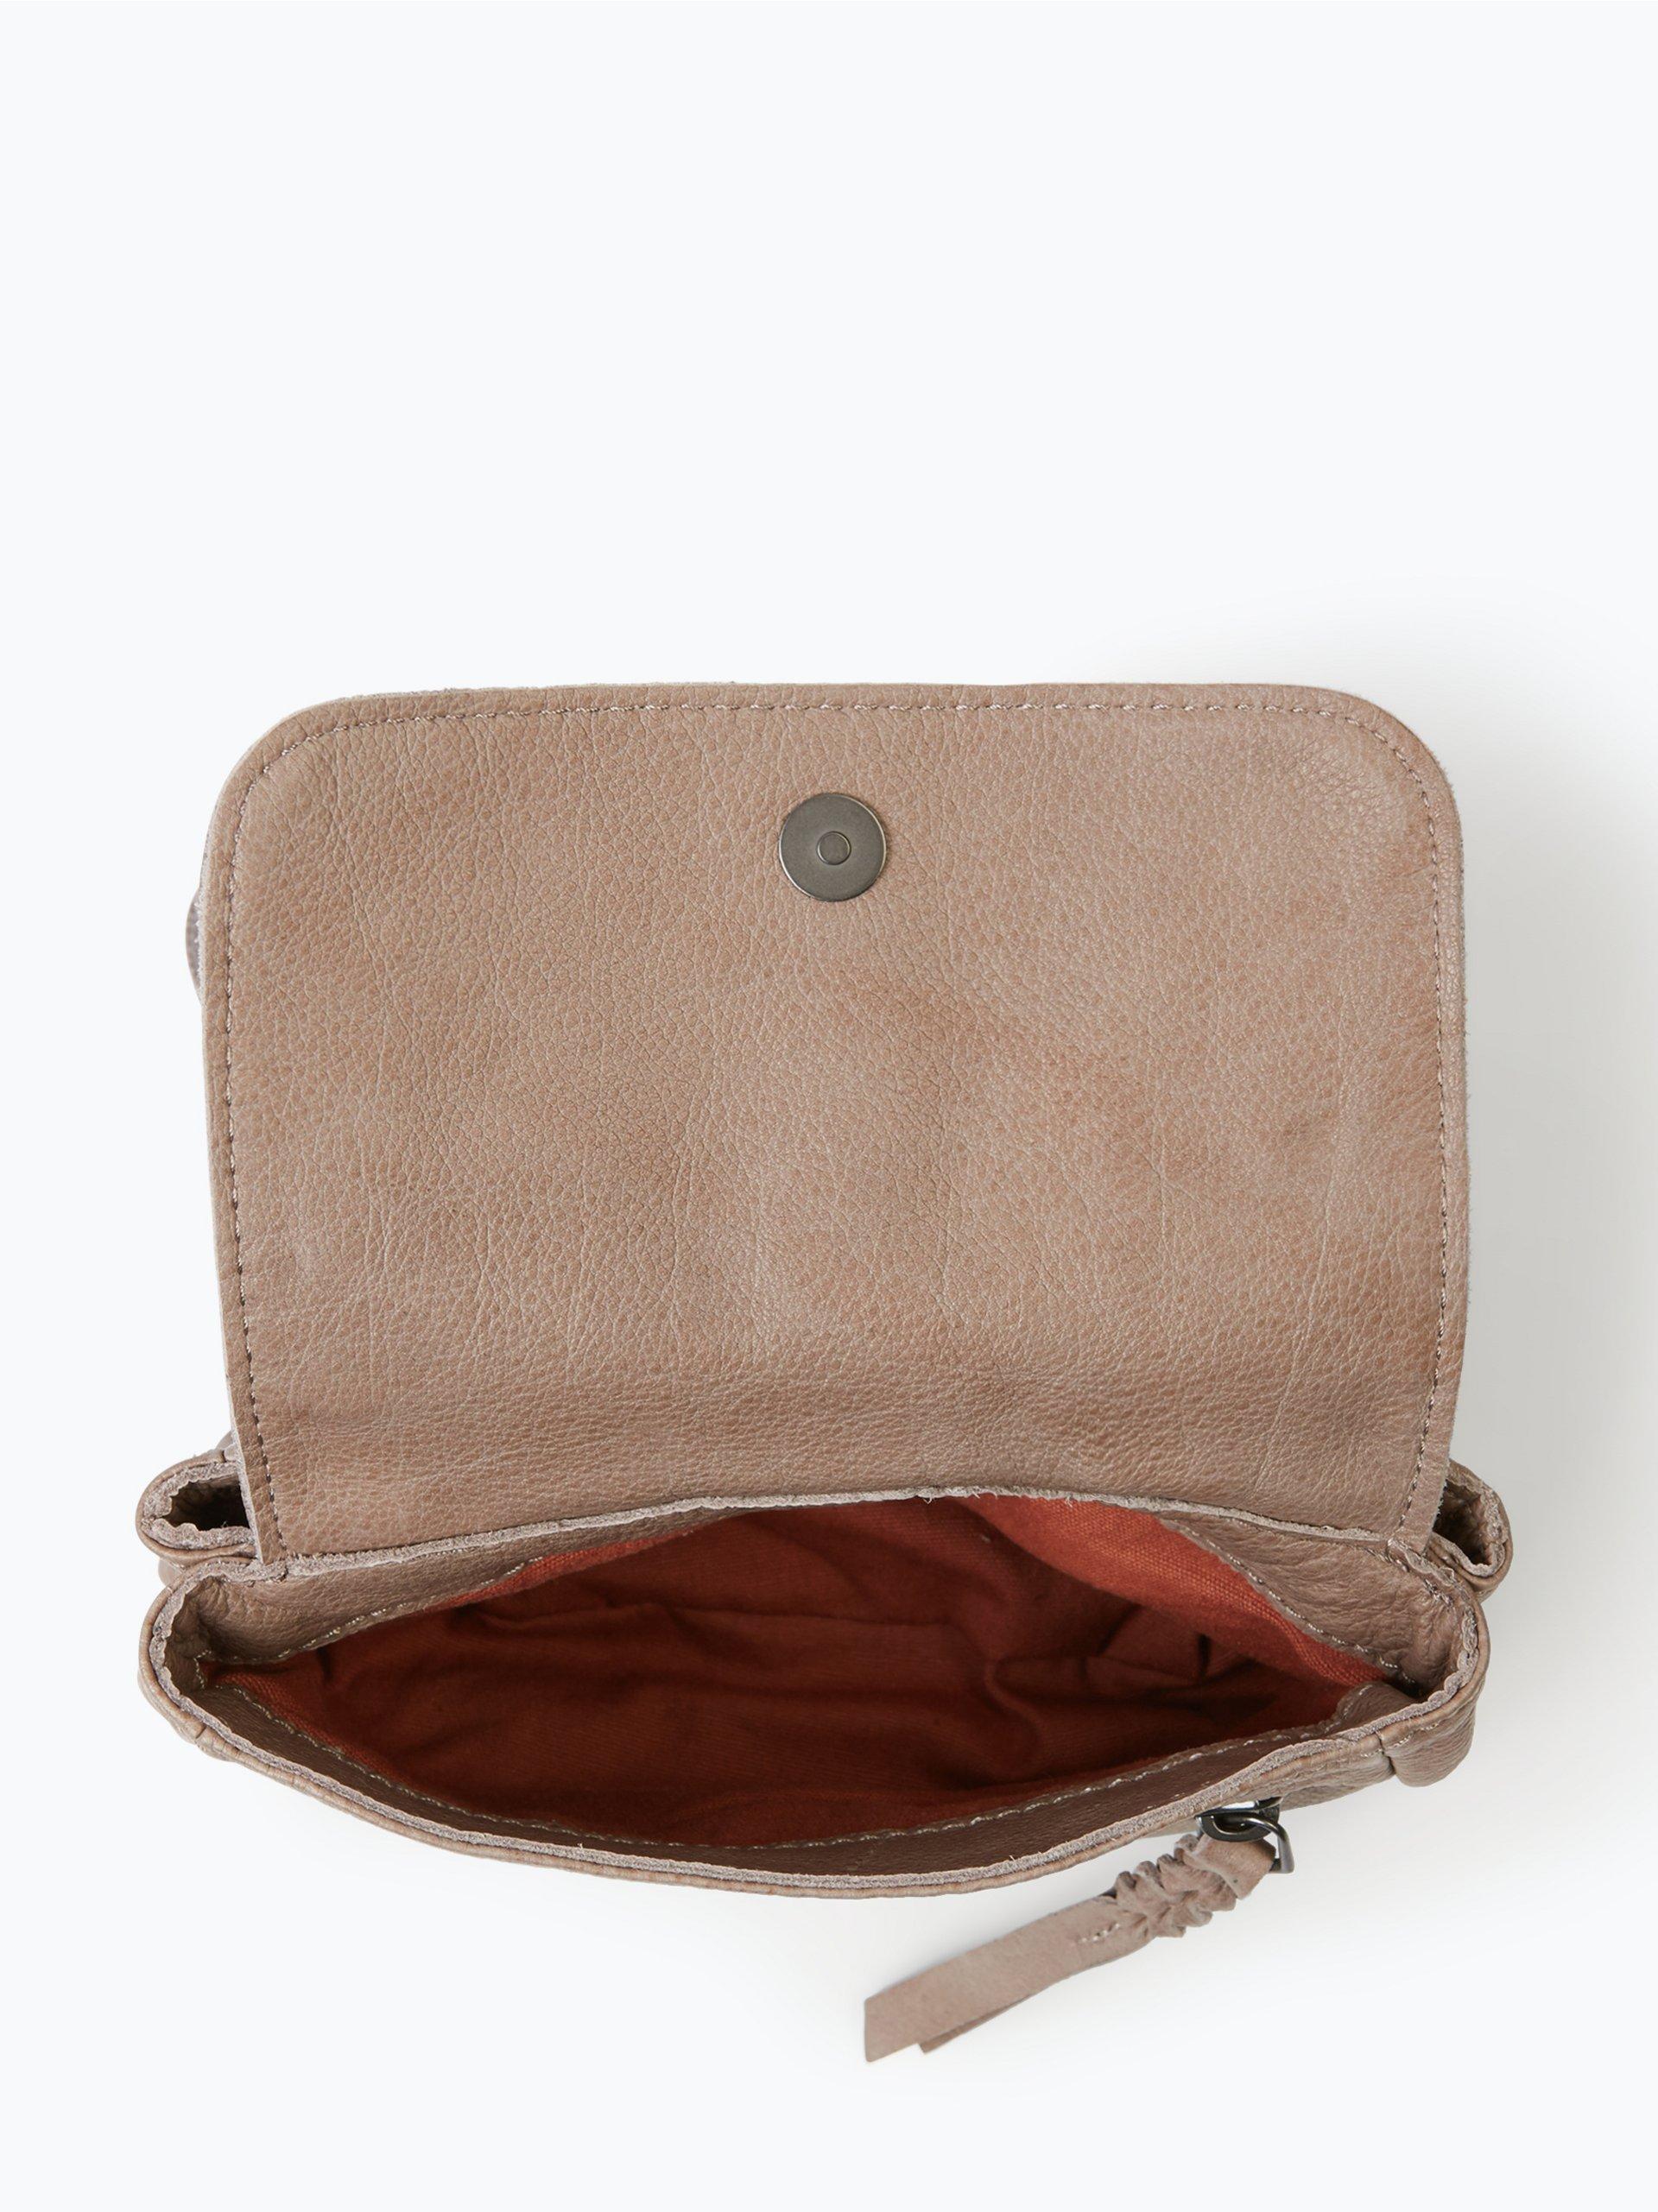 Liebeskind Damen Handtasche aus Leder - Kawai